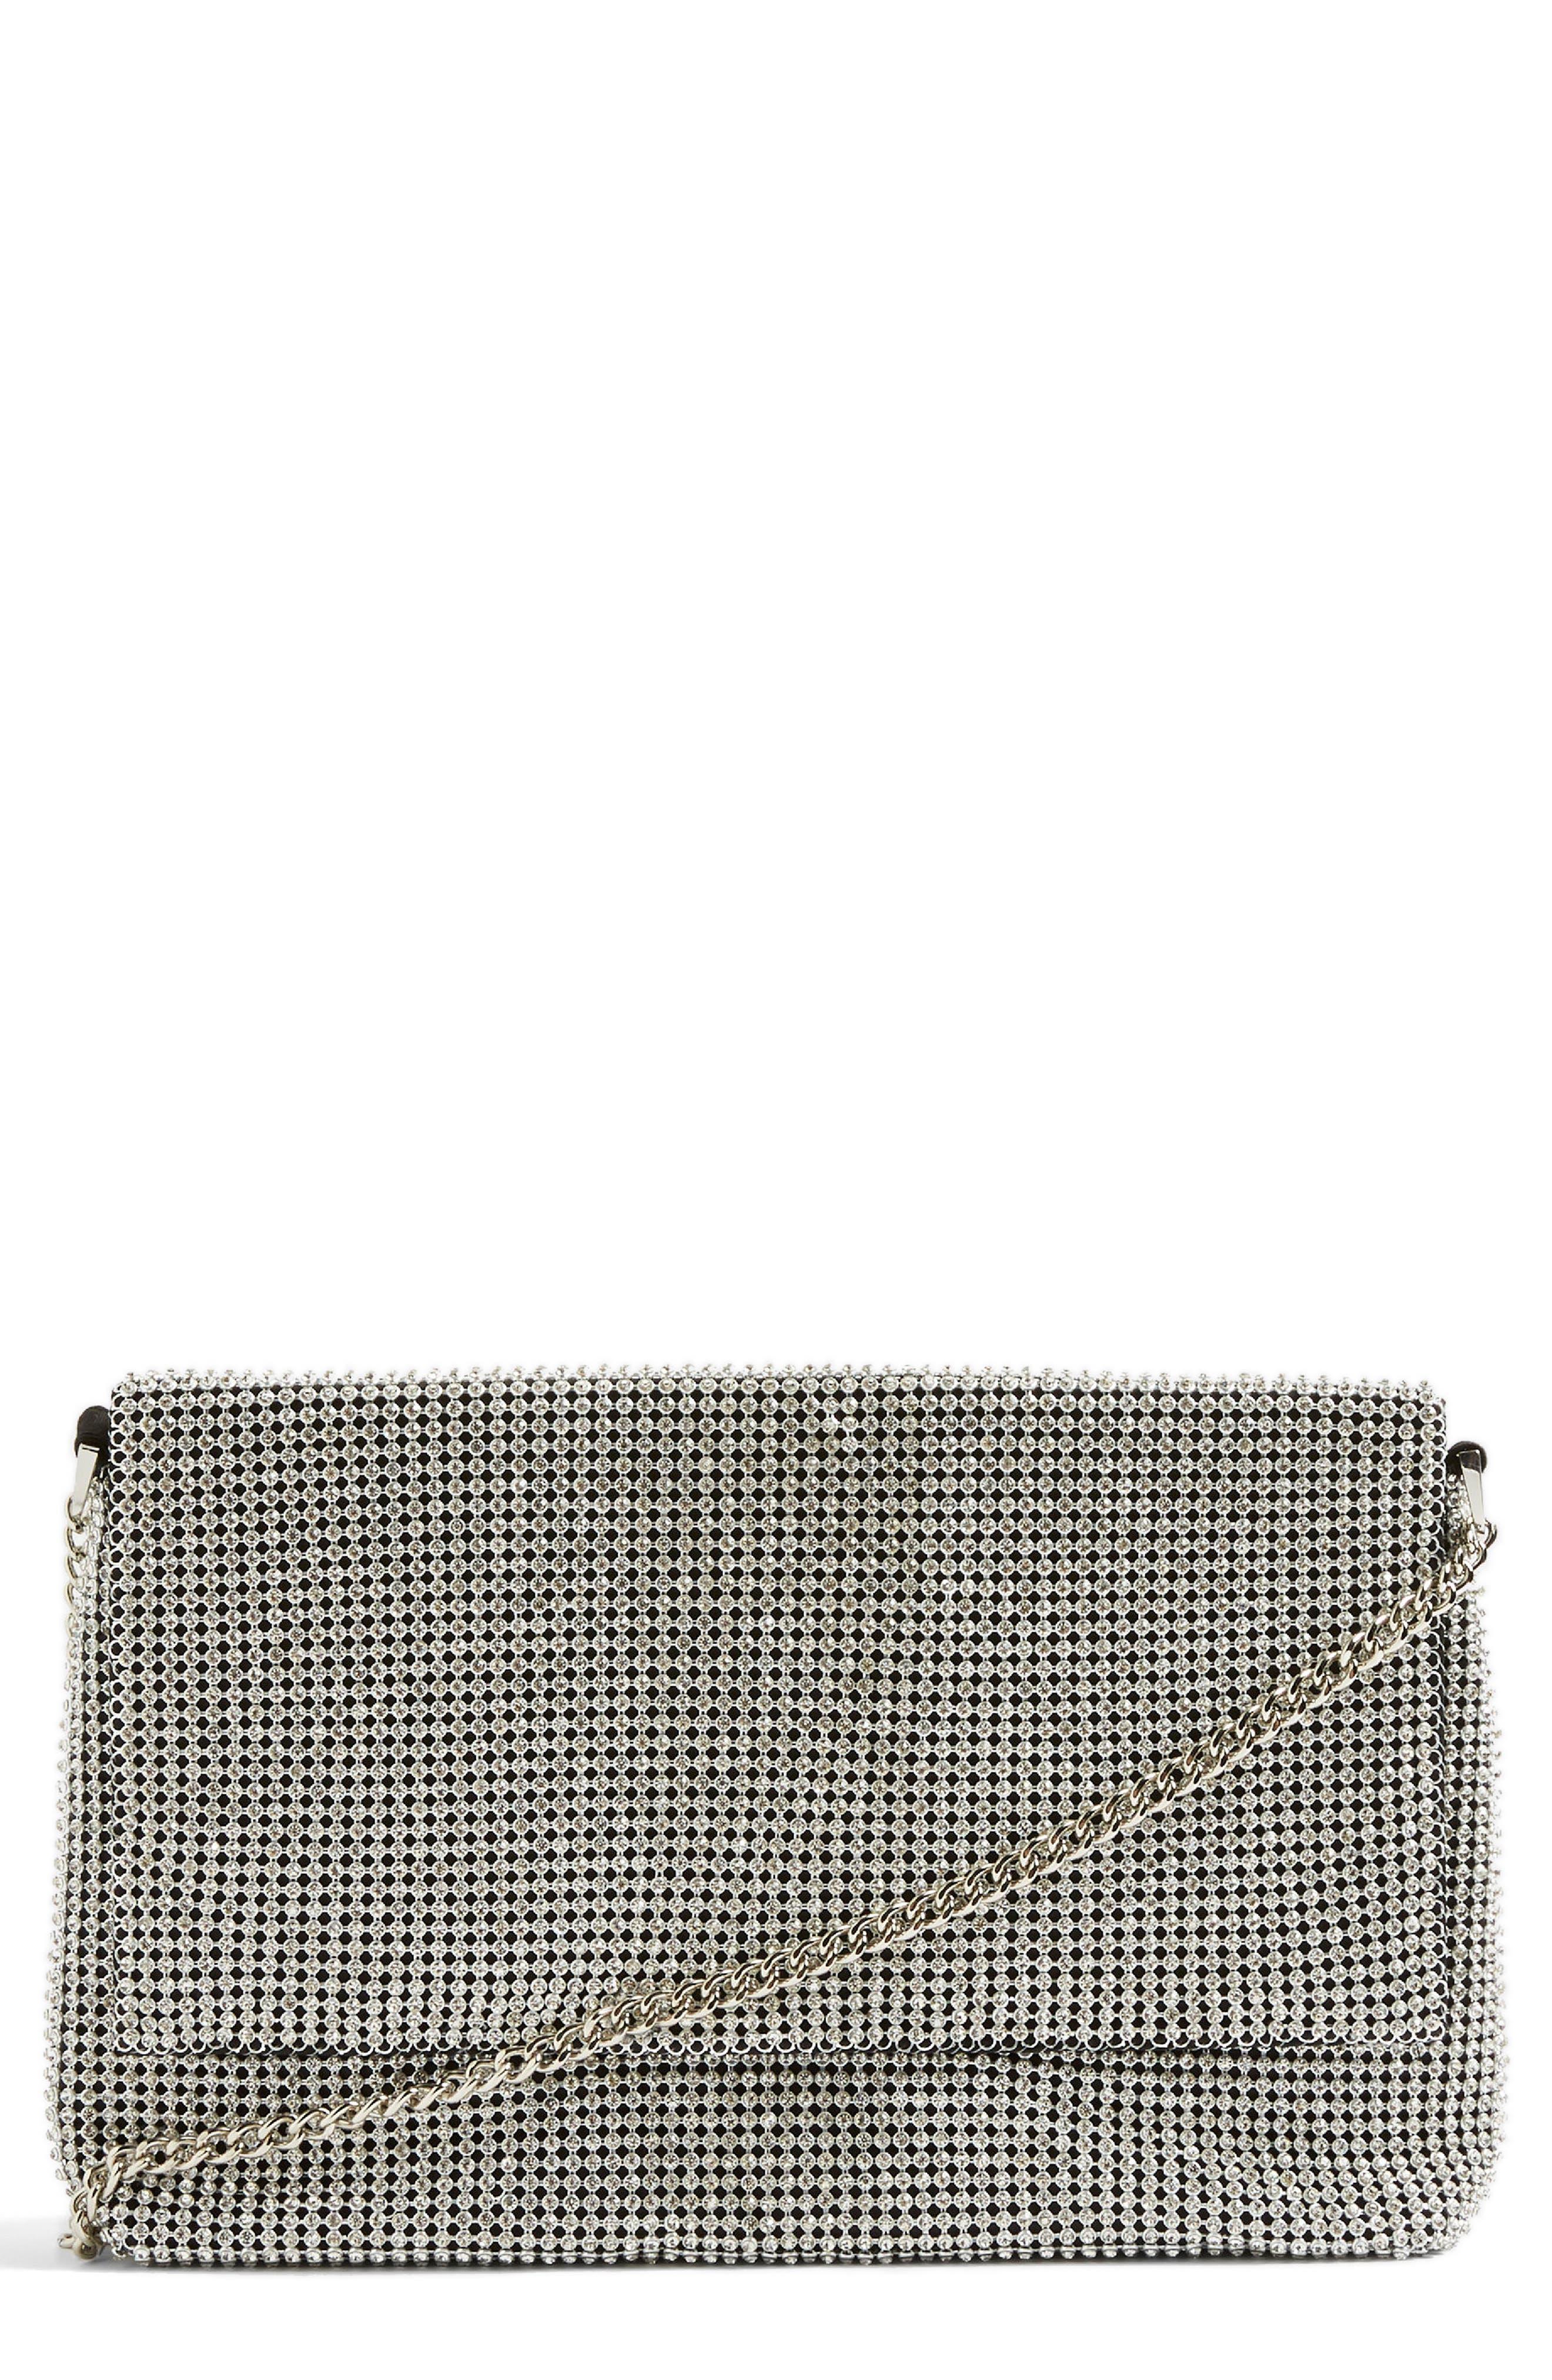 Diana Diamante Clutch Bag,                         Main,                         color, 040